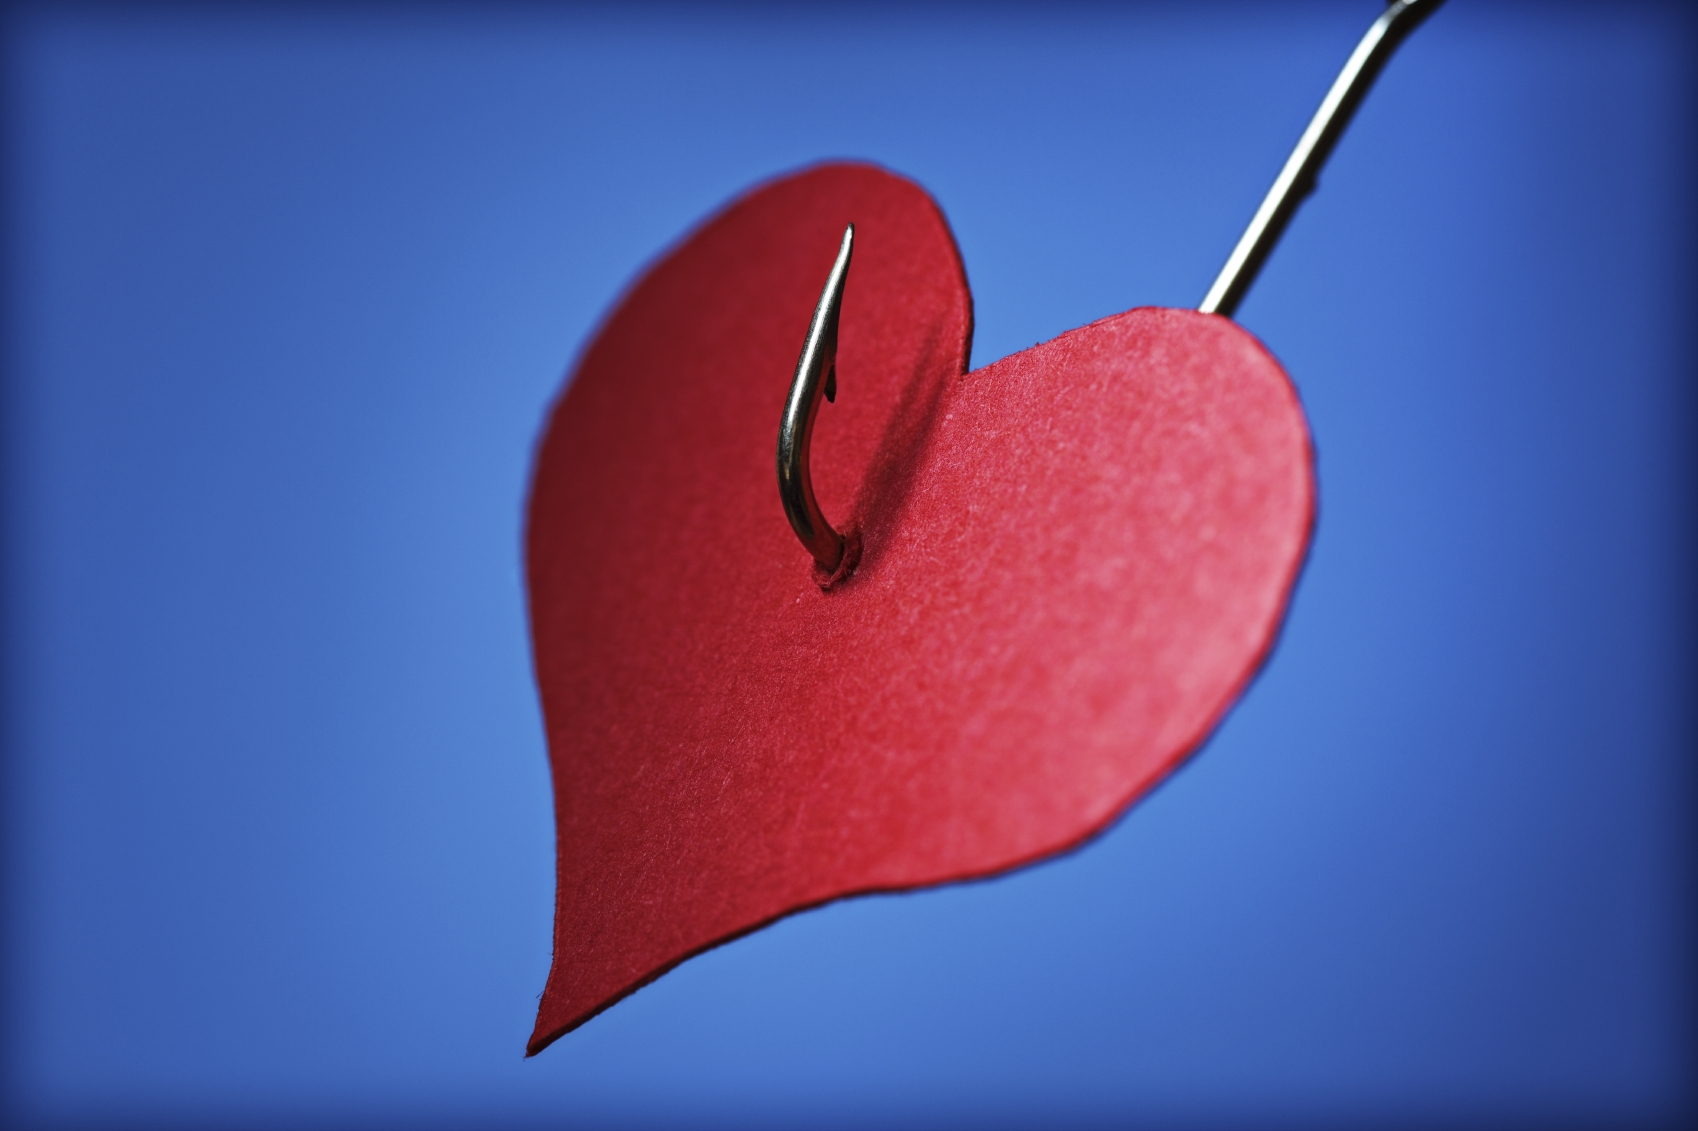 как вылечить любовную зависимость